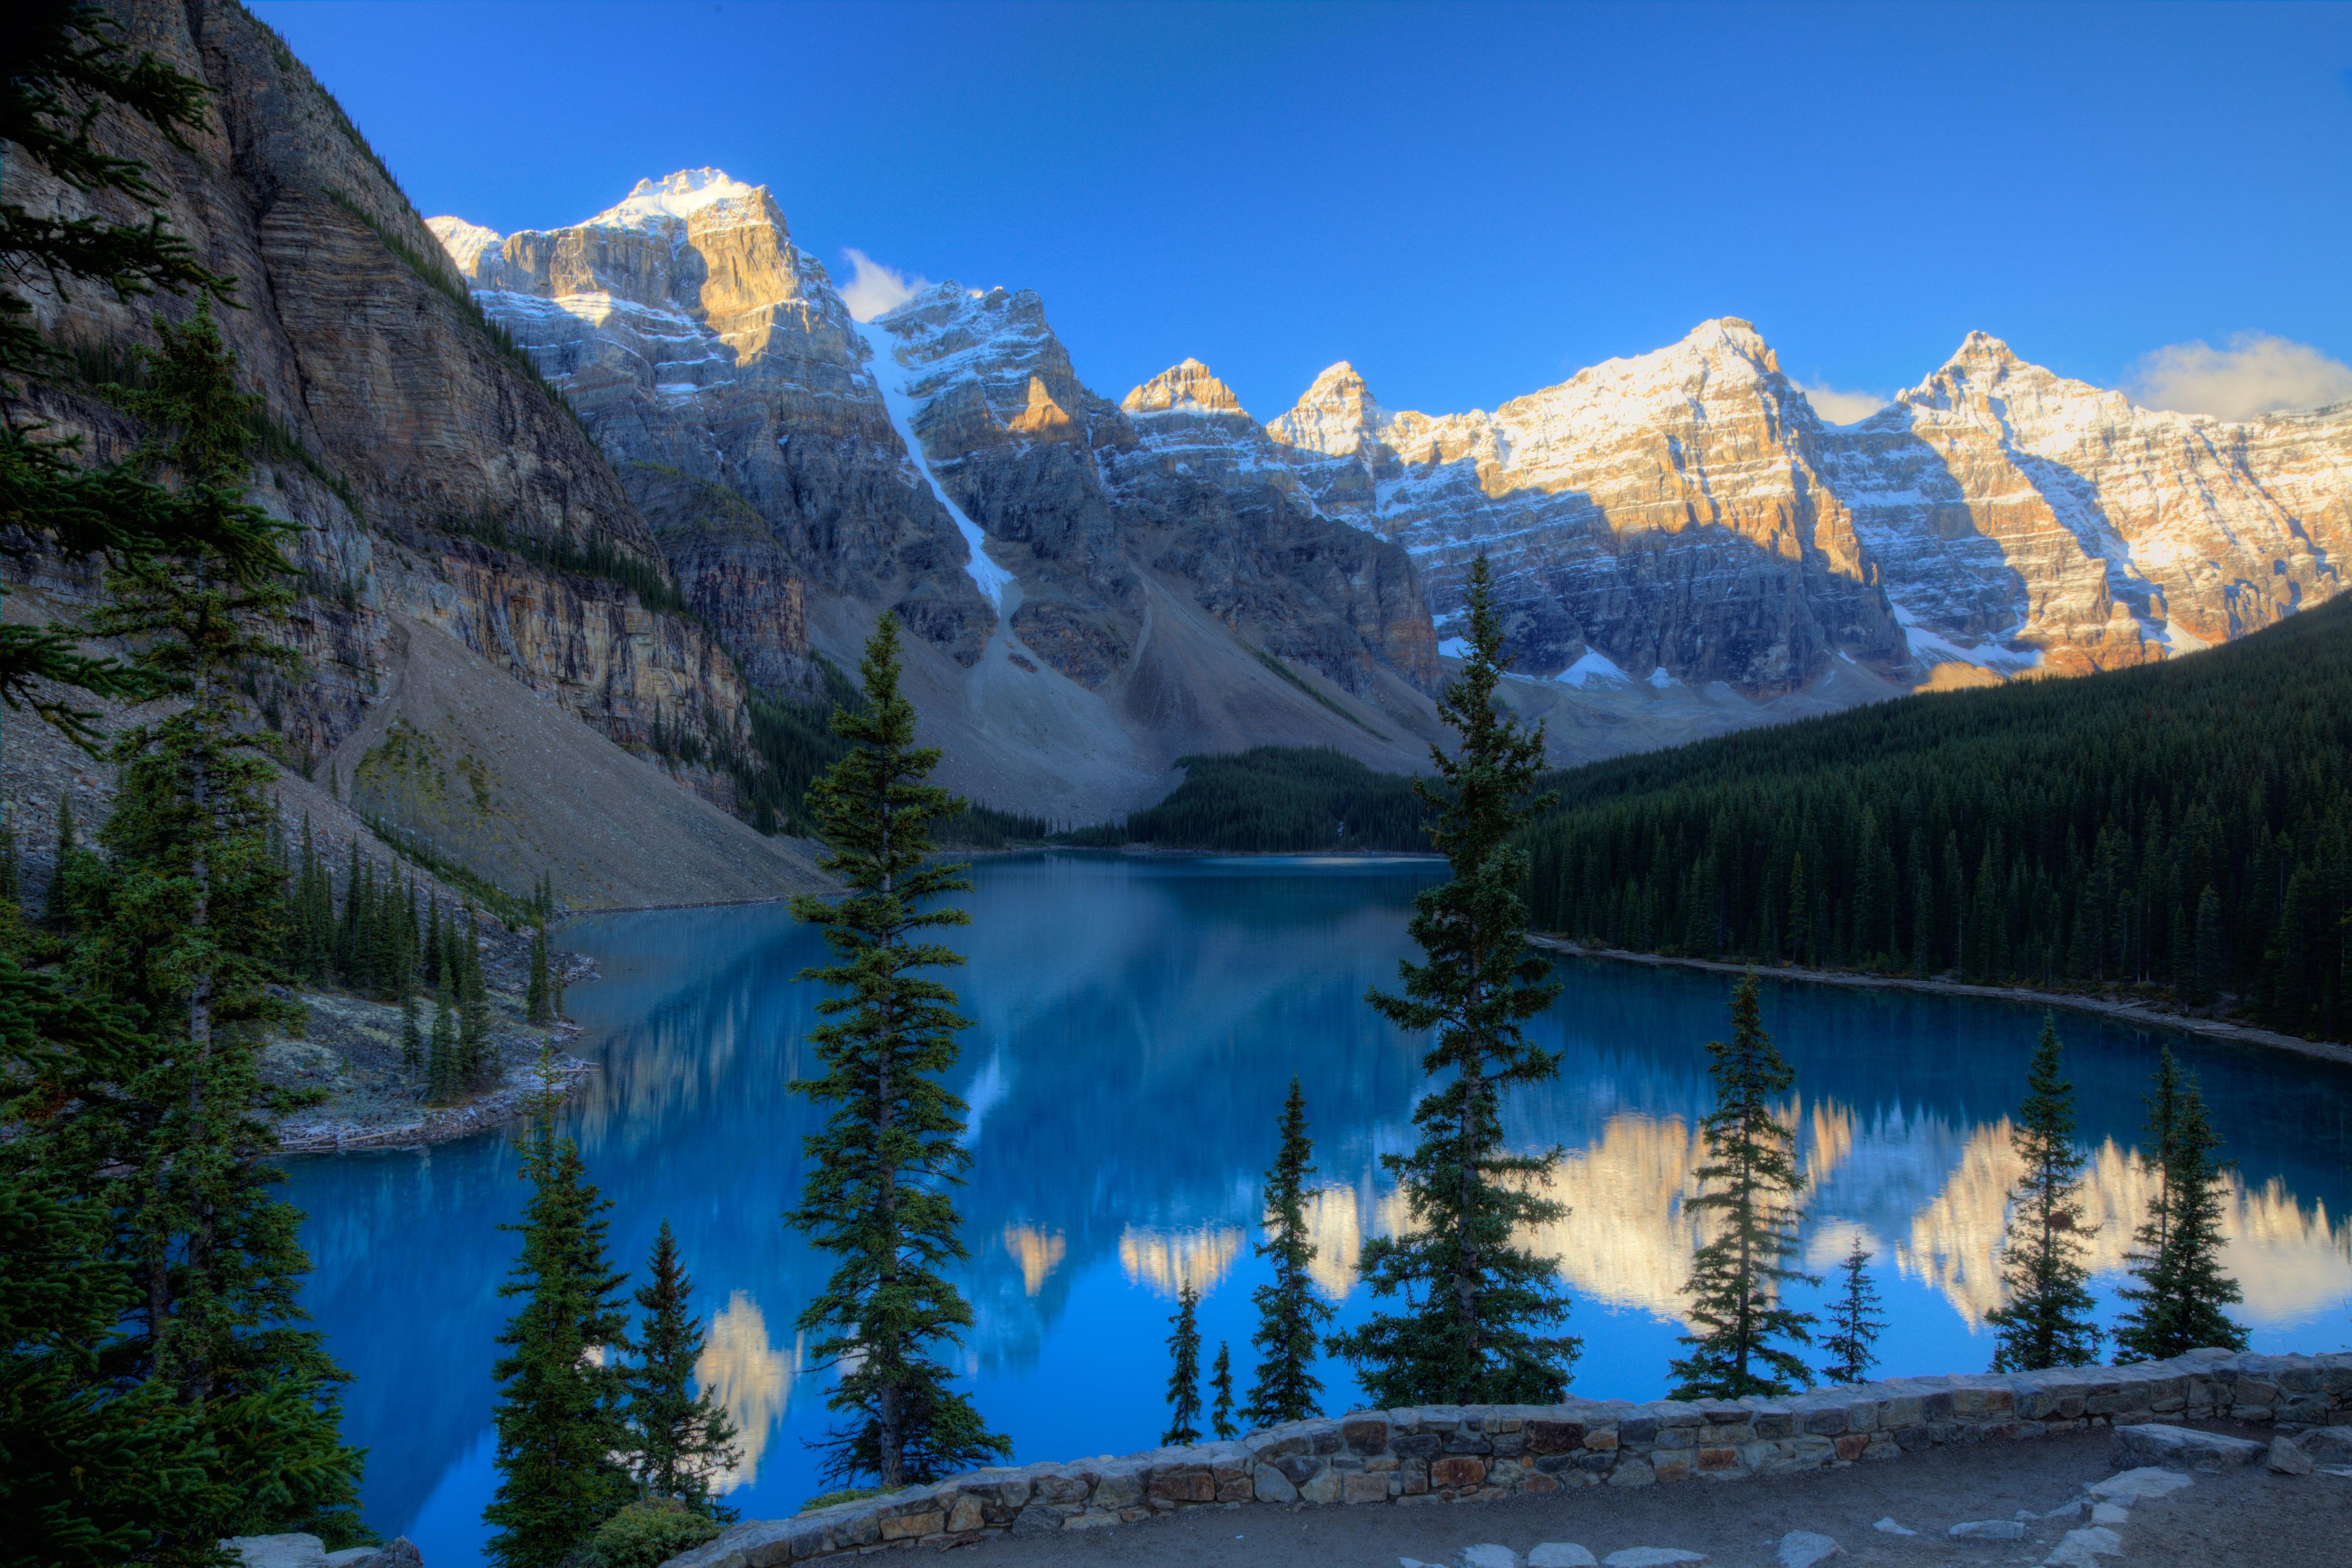 Fondos de pantalla Grandes montañas en el bosque Lago Moraine